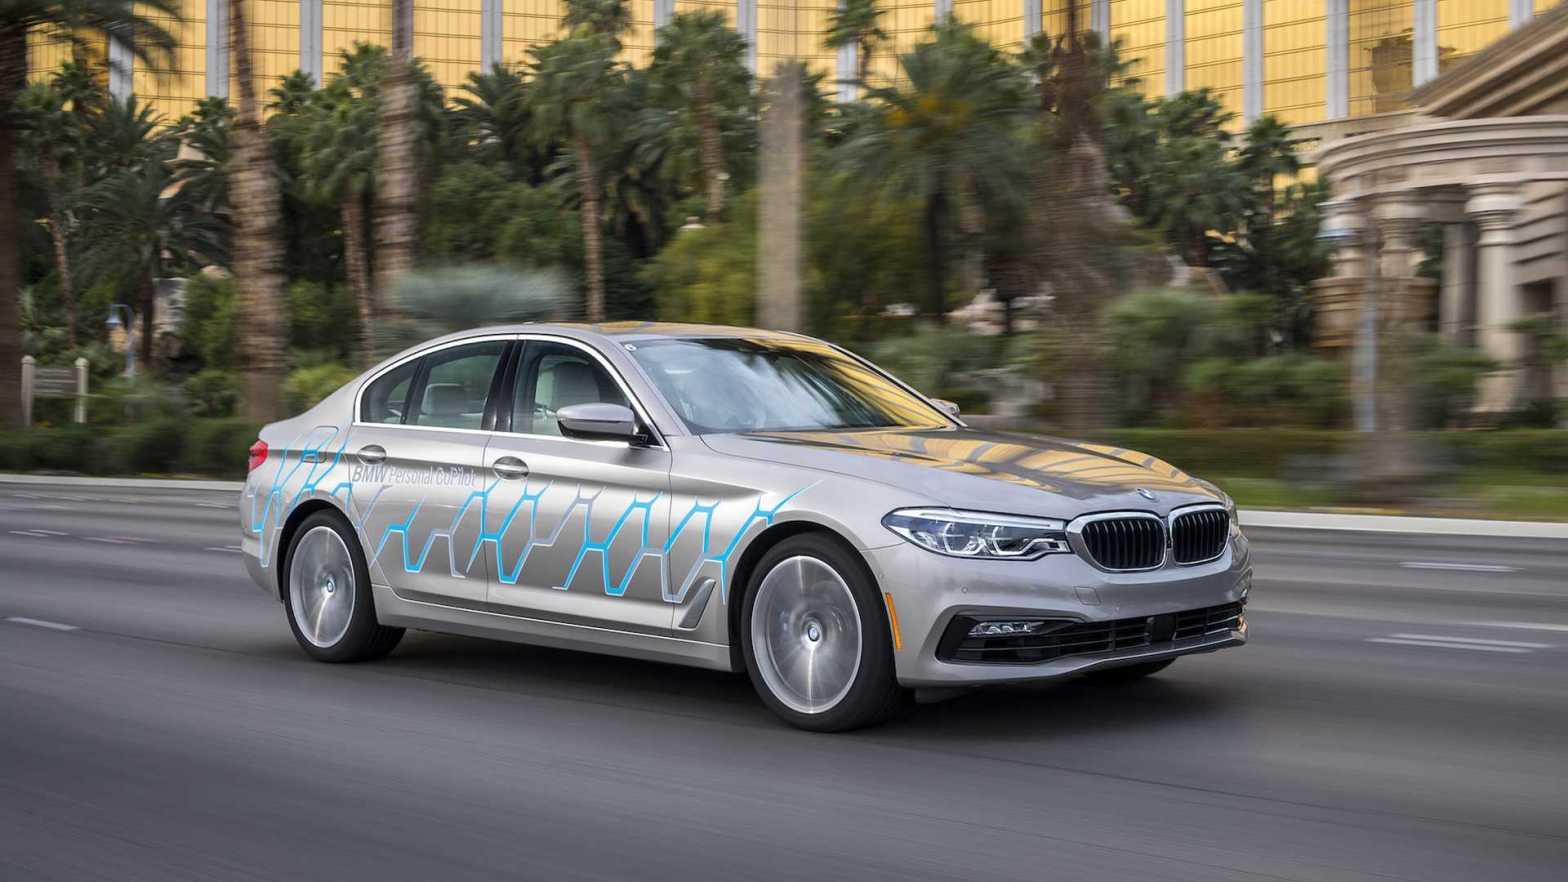 BMW 5 Series Autonomous